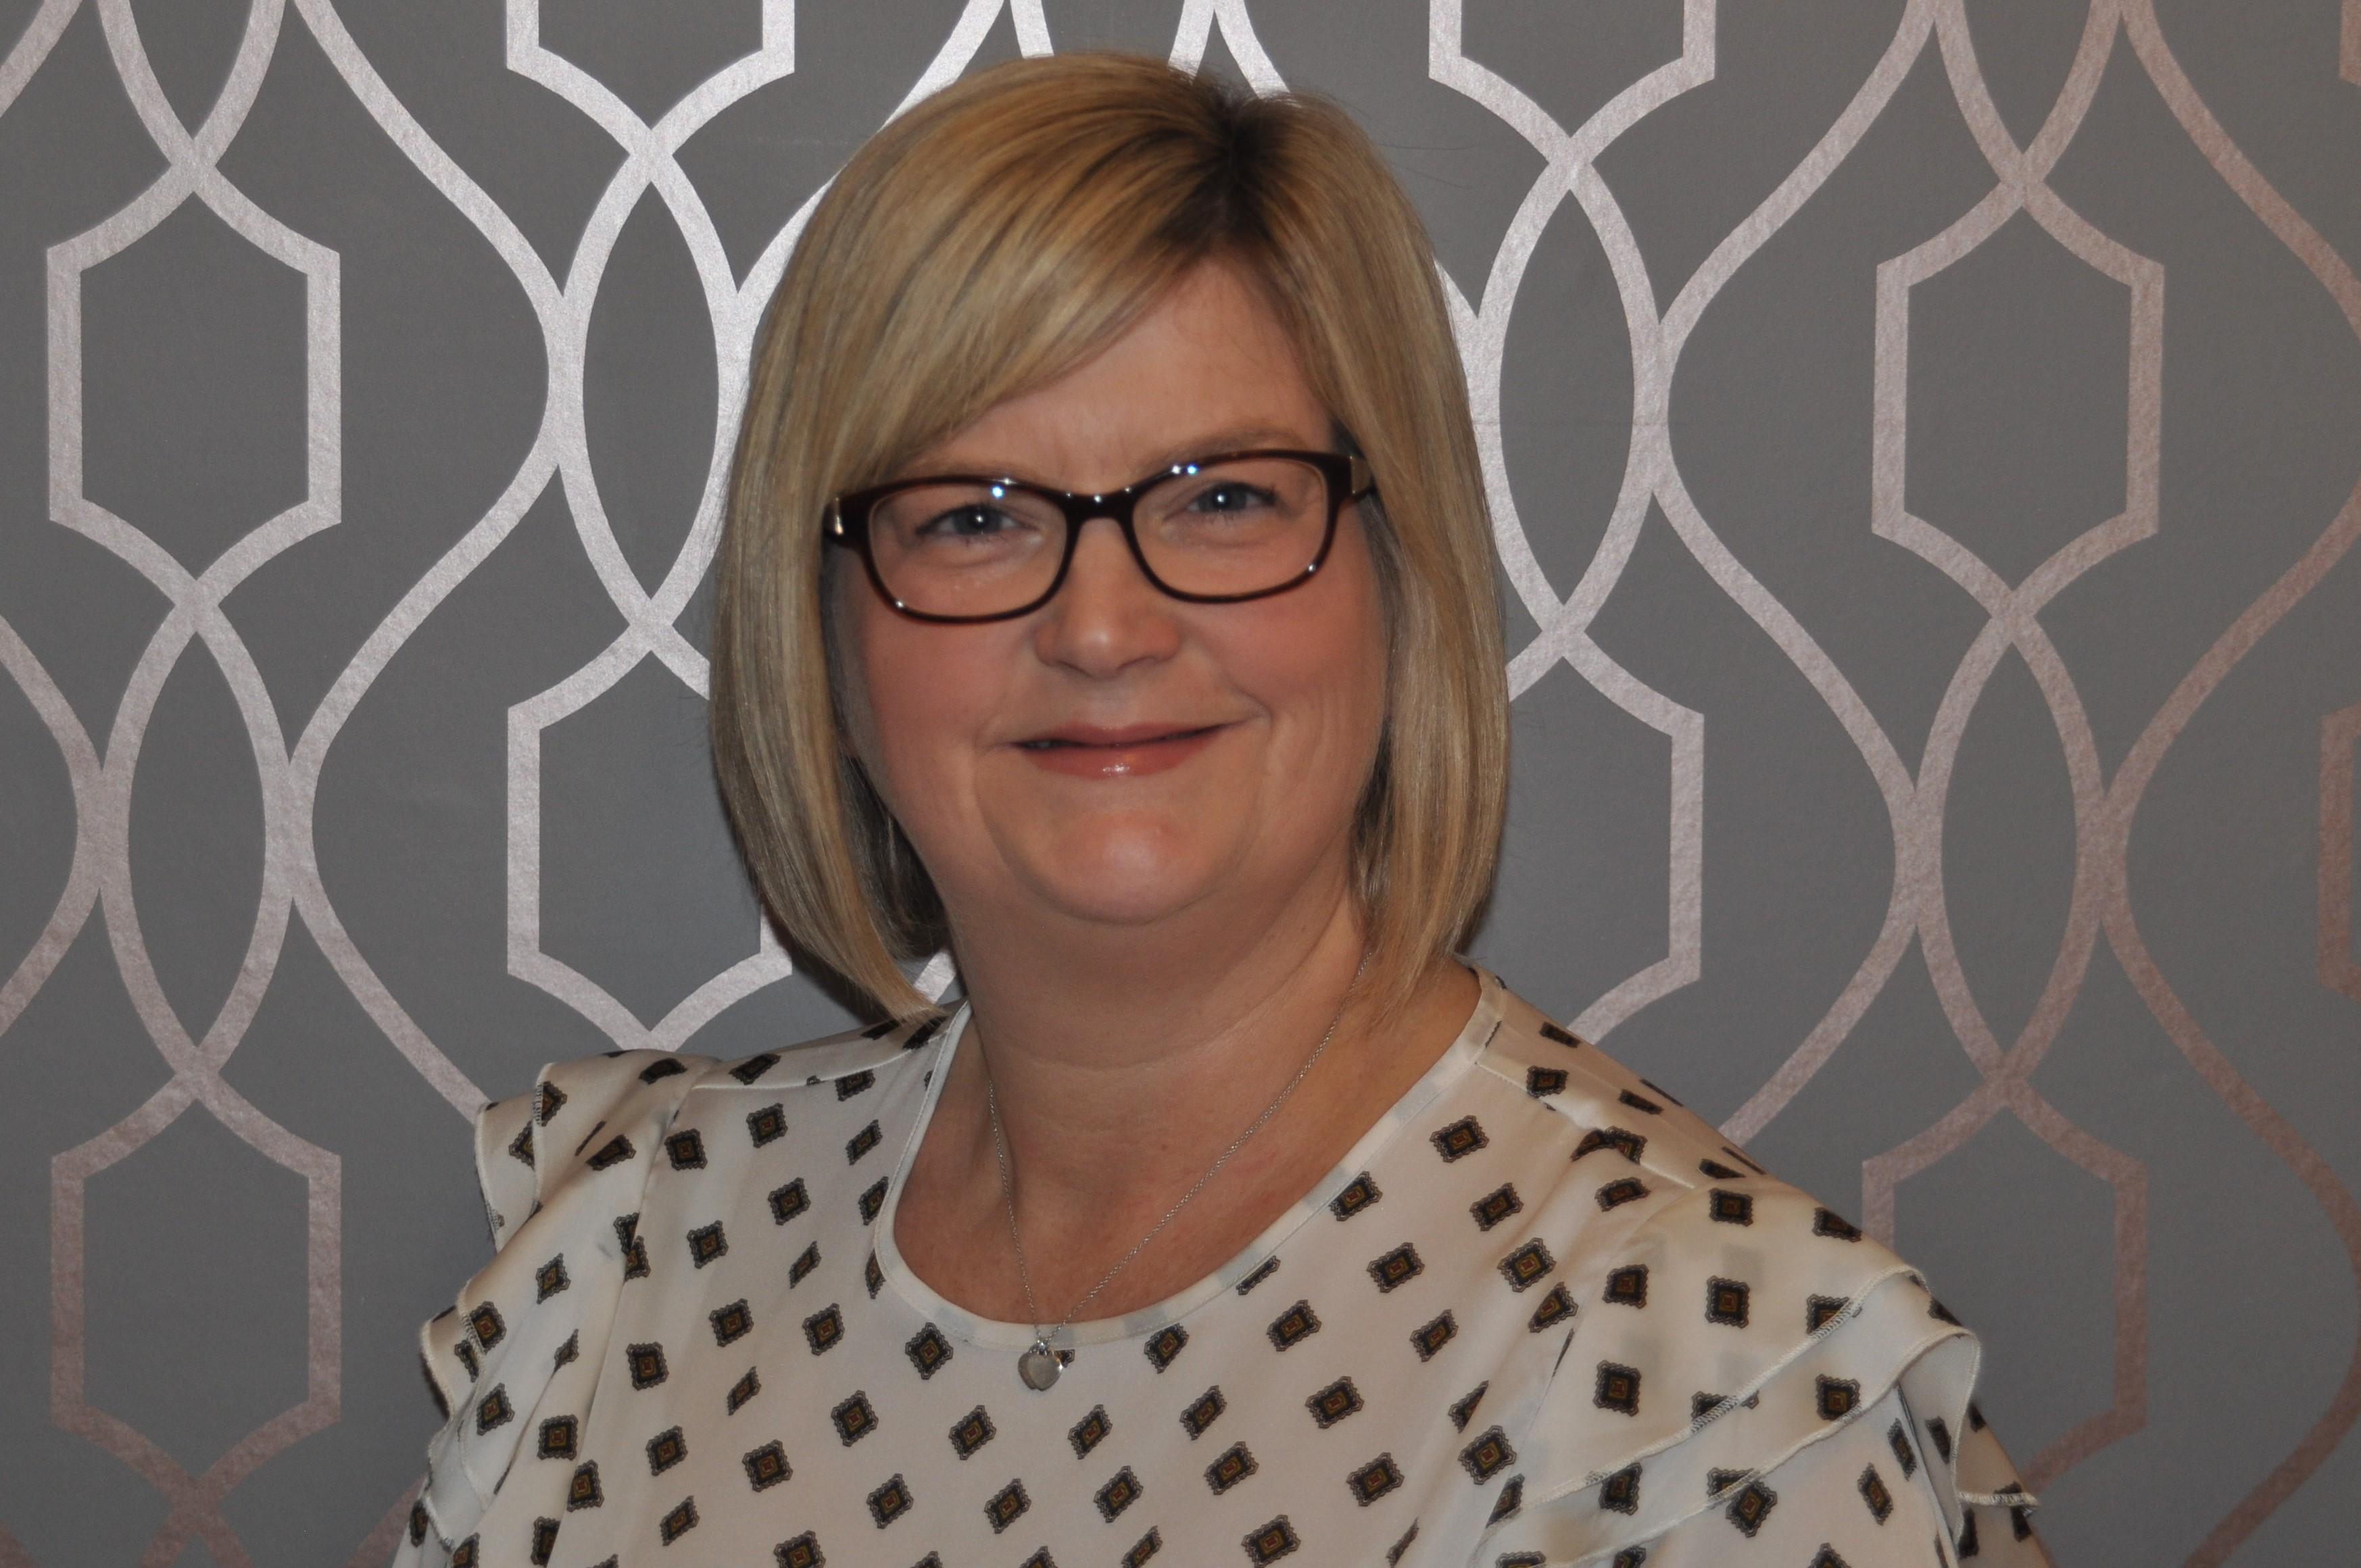 Rebecca Mason, the Social Media Tree